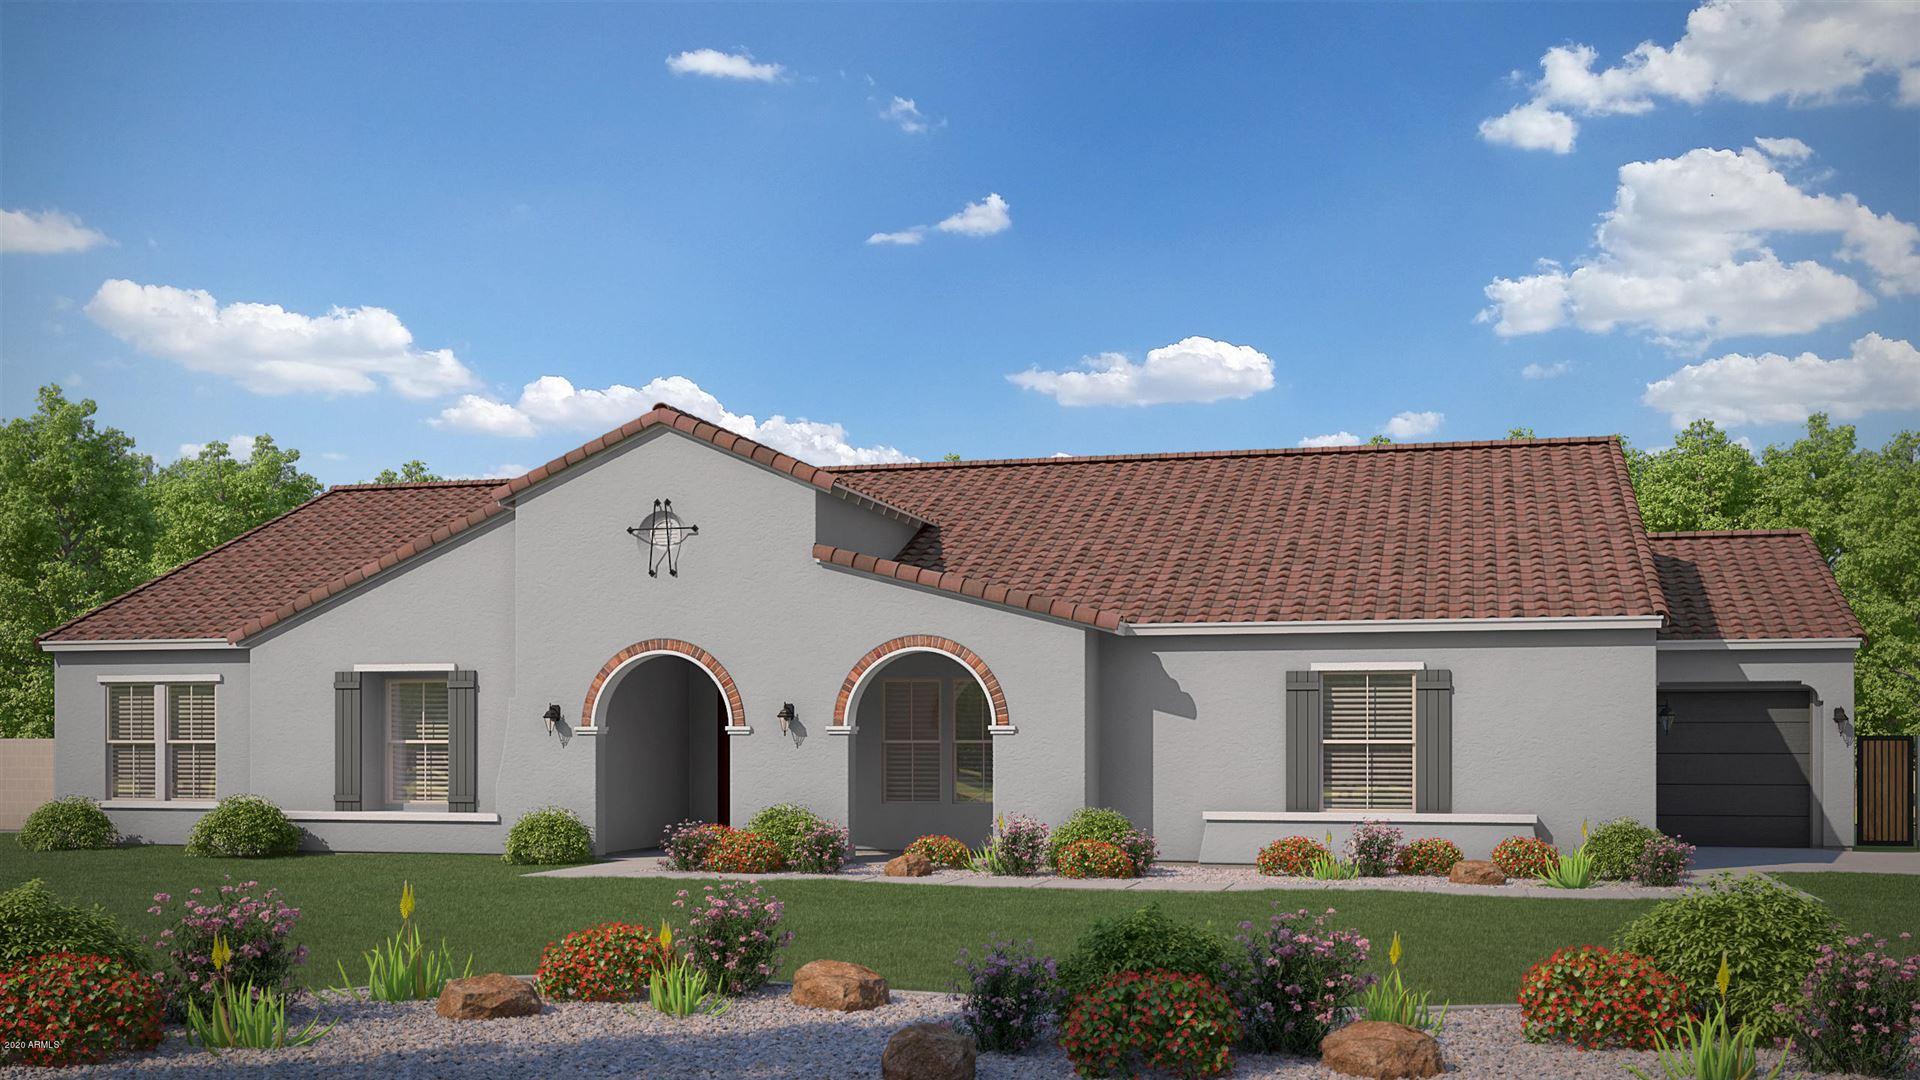 13017 W MARLETTE Avenue, Litchfield Park, AZ 85340 - MLS#: 6070176